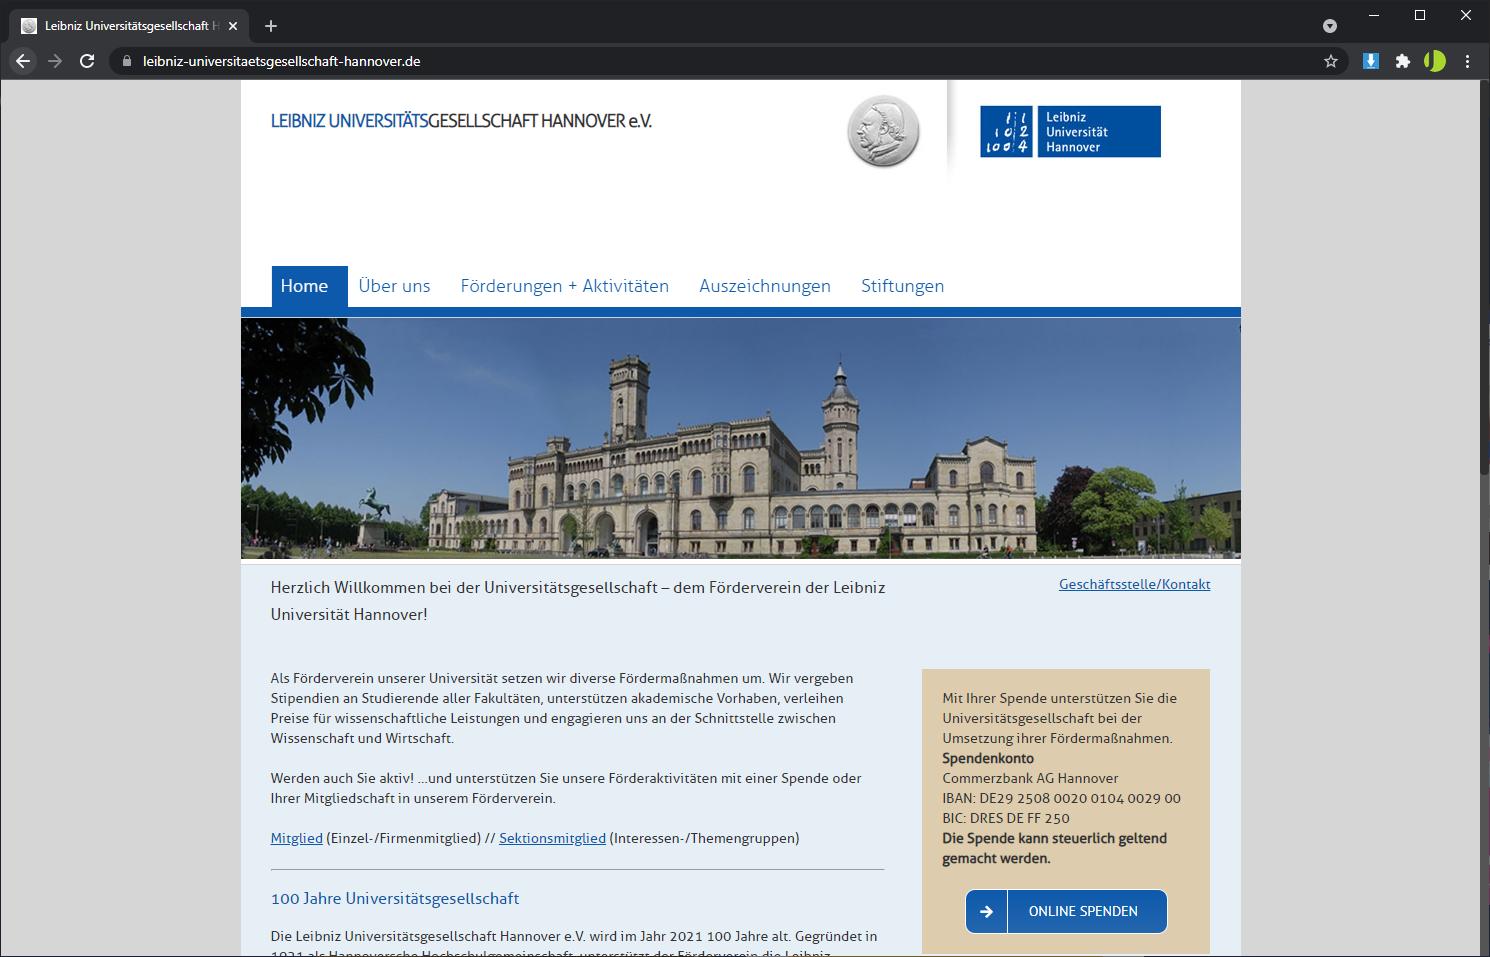 Homepage Erstellung mit WordPress - Leibniz Universitätsgesellschaft Hannover e.V.